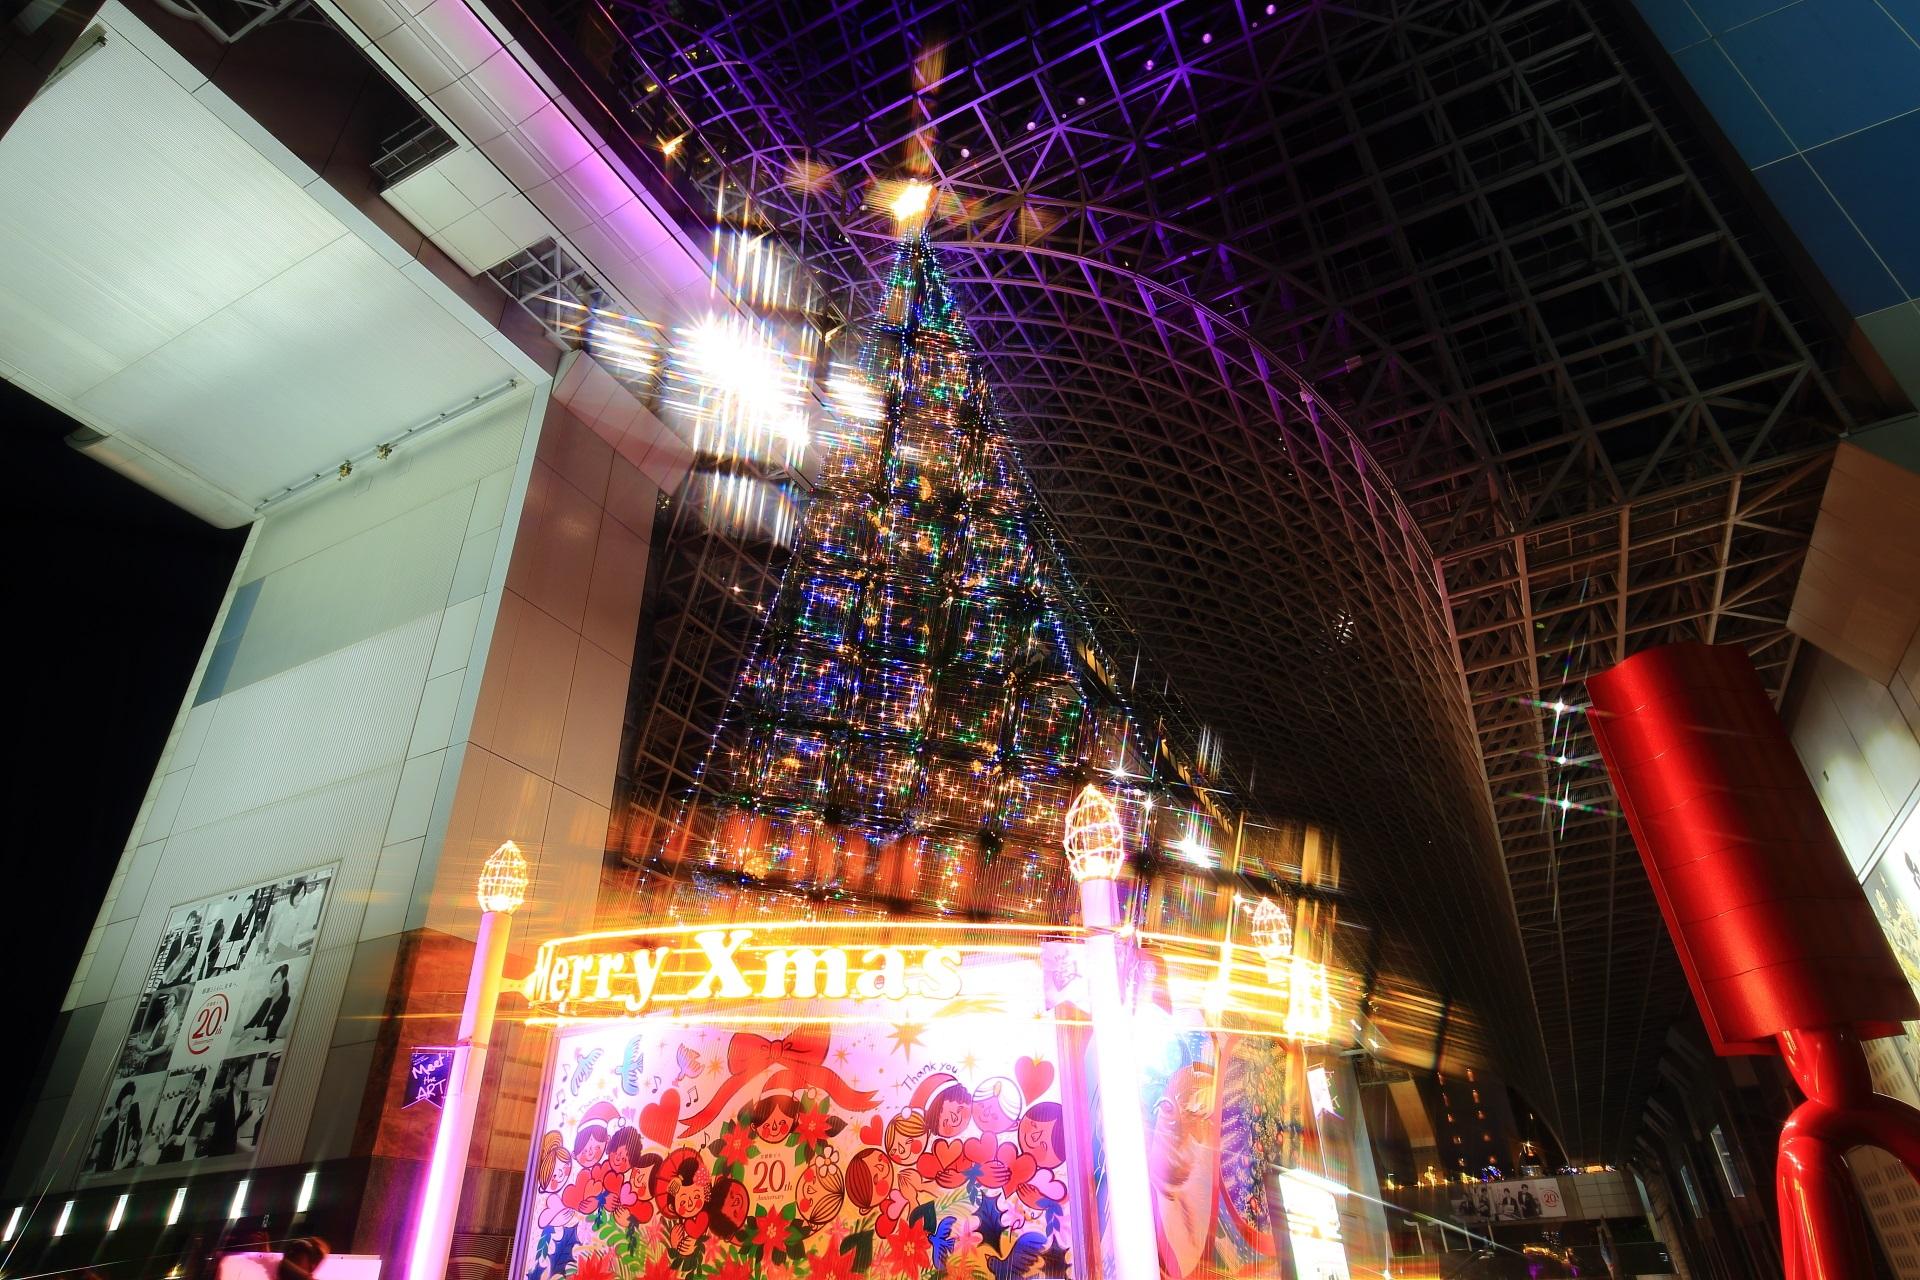 22メートルある駅ビルのクリスマスツリー